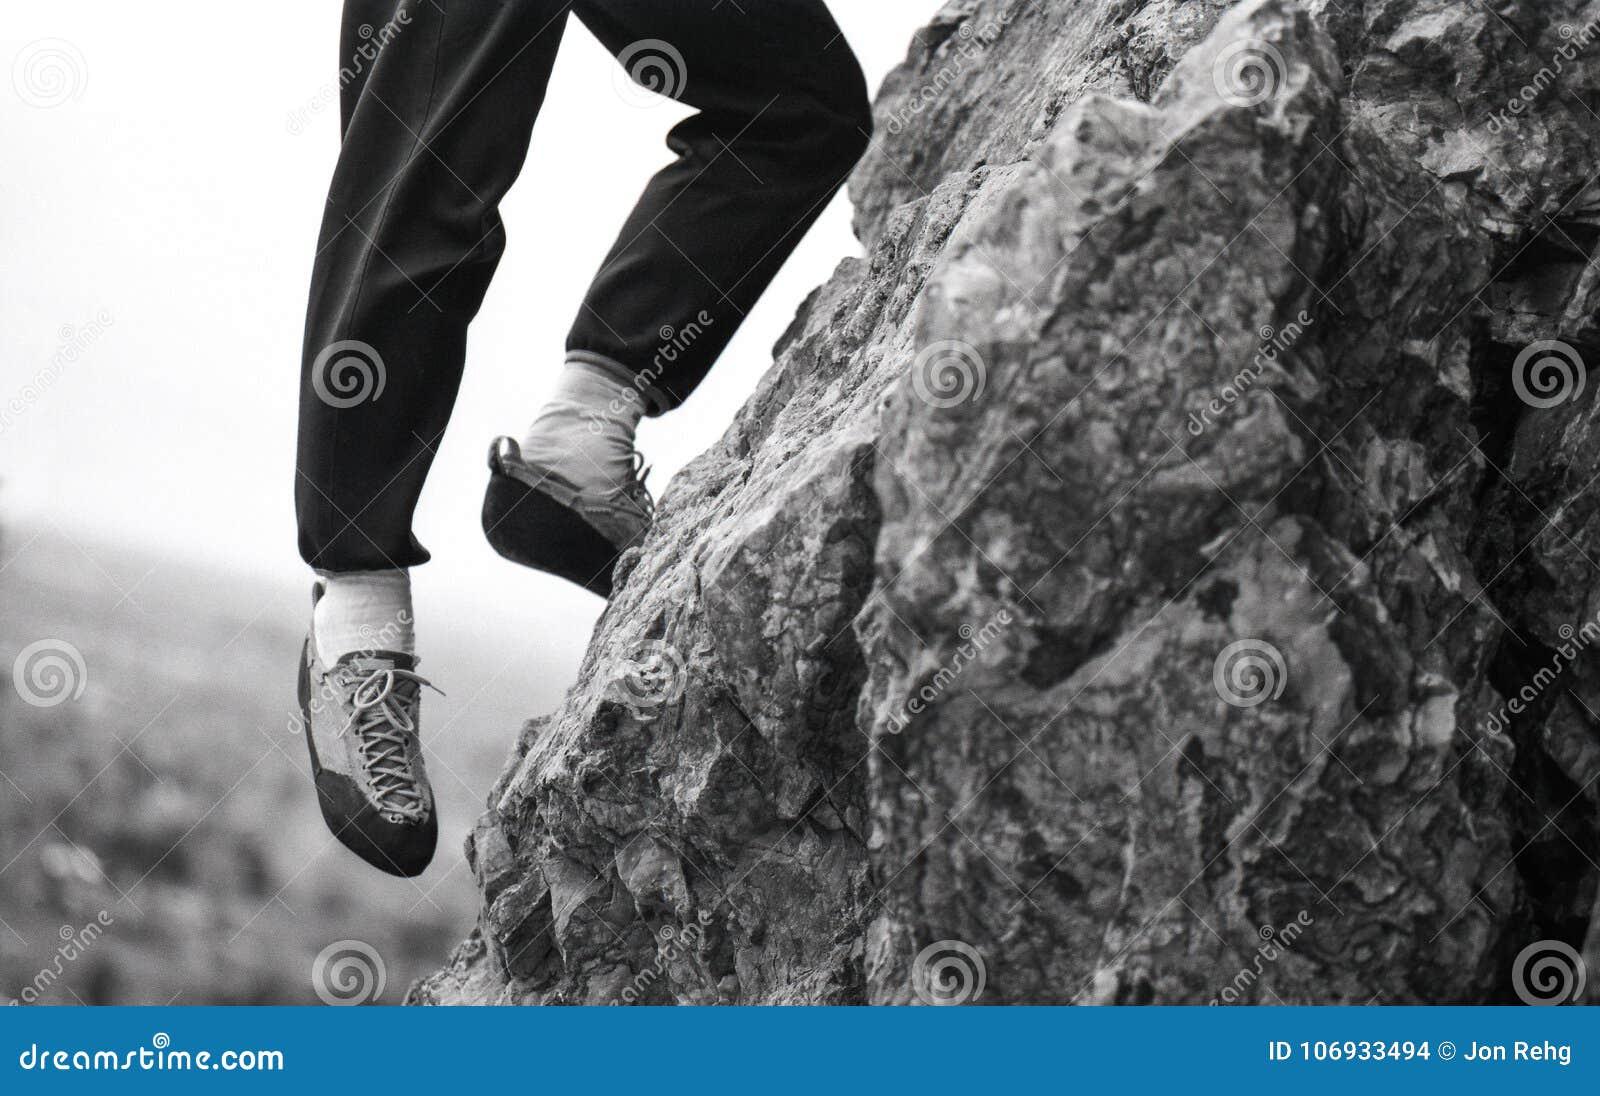 Montanhista de rocha com o um pé que pendura fora da borda de Cliff Outcrop Over Looking Valley abaixo